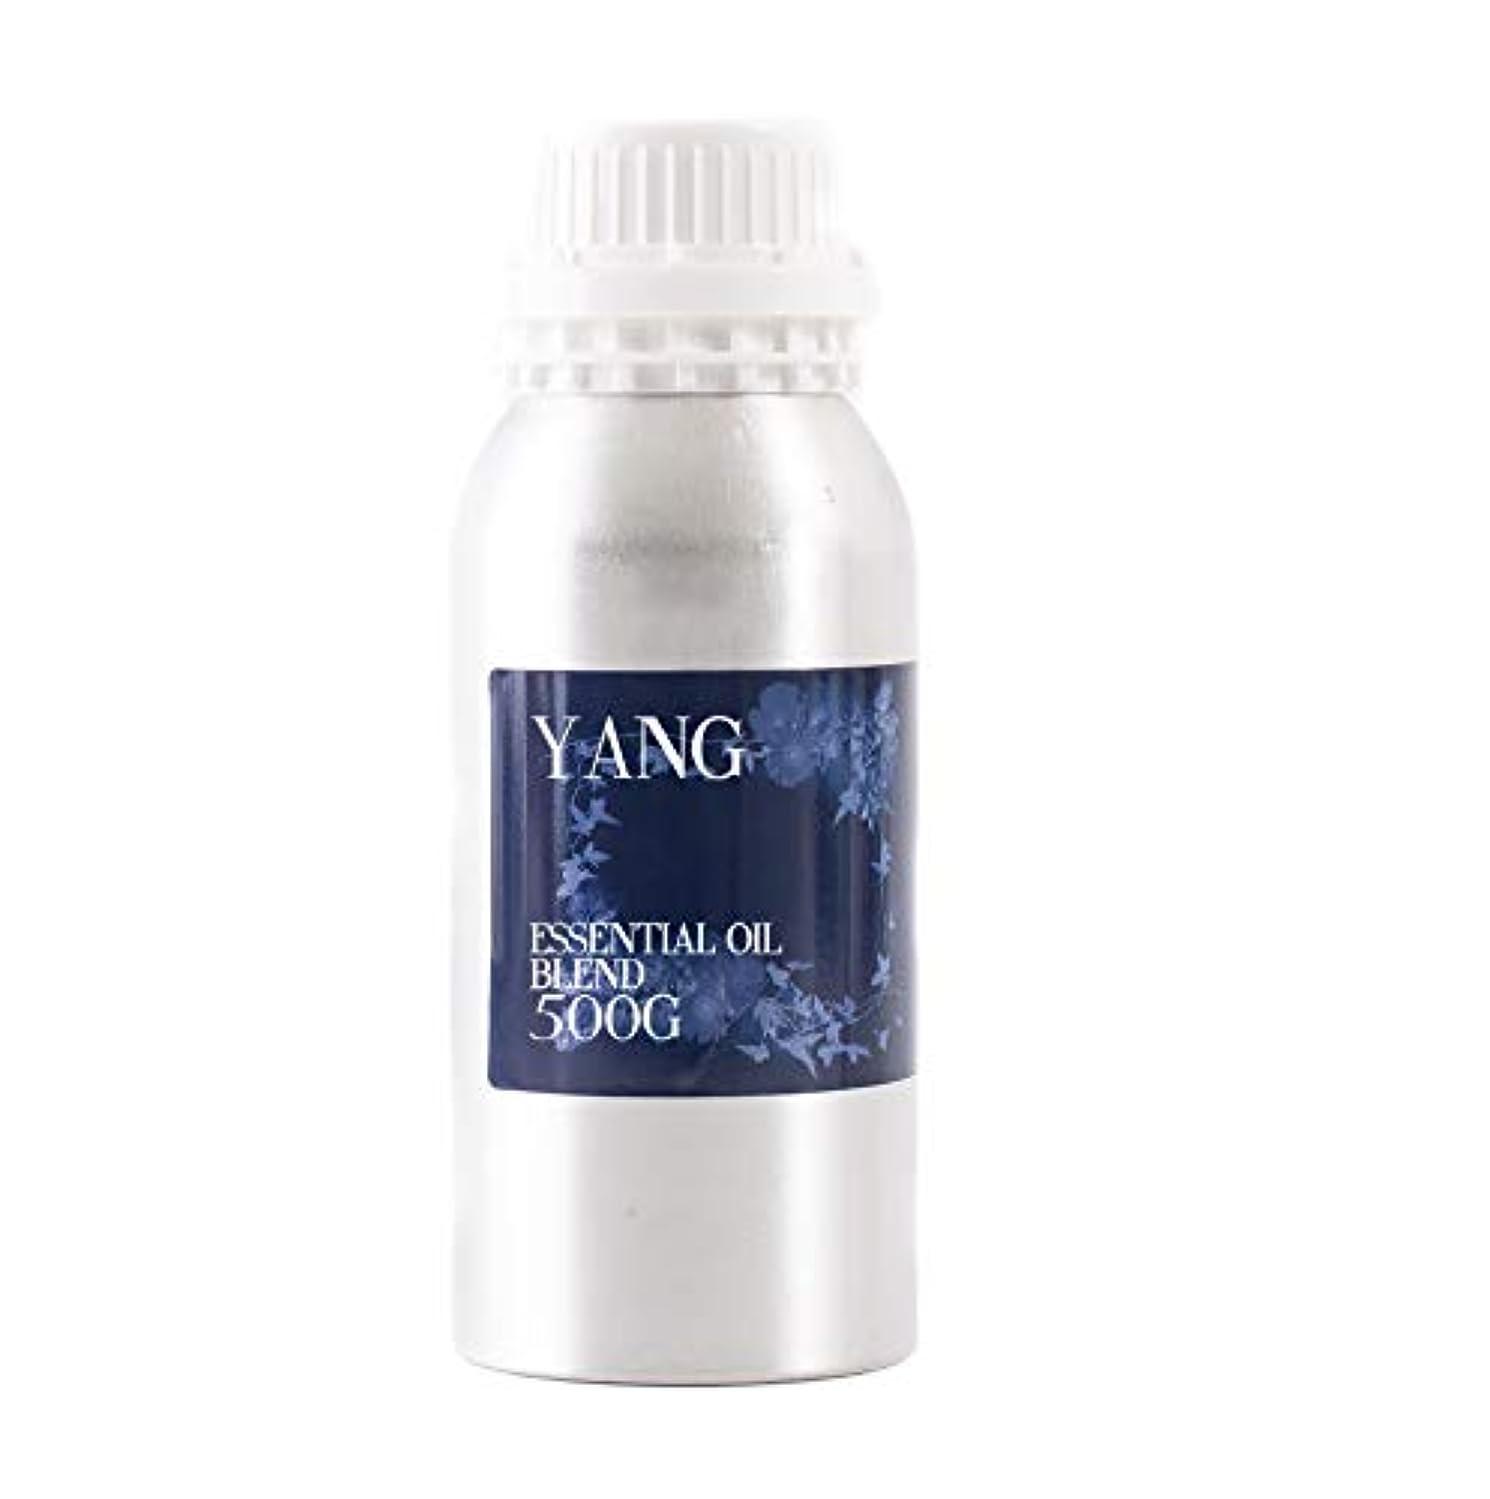 商人発動機疾患Mystix London | Yang Essential Oil Blend - 500g